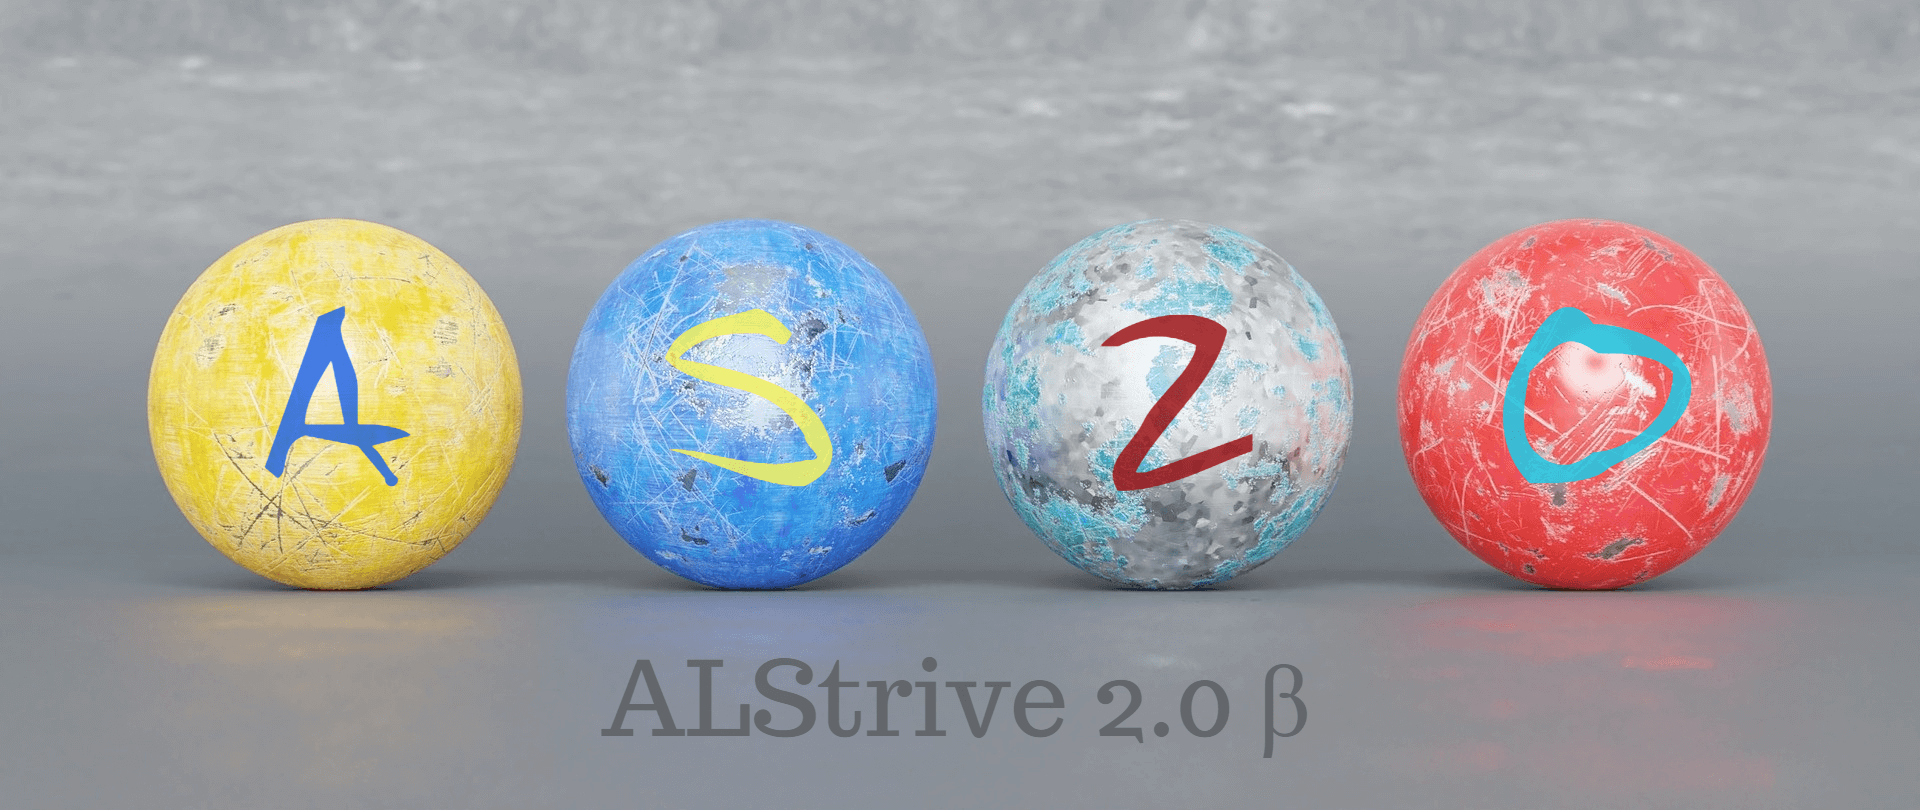 ALStrive 2.0 β - Крупное обновление сайта